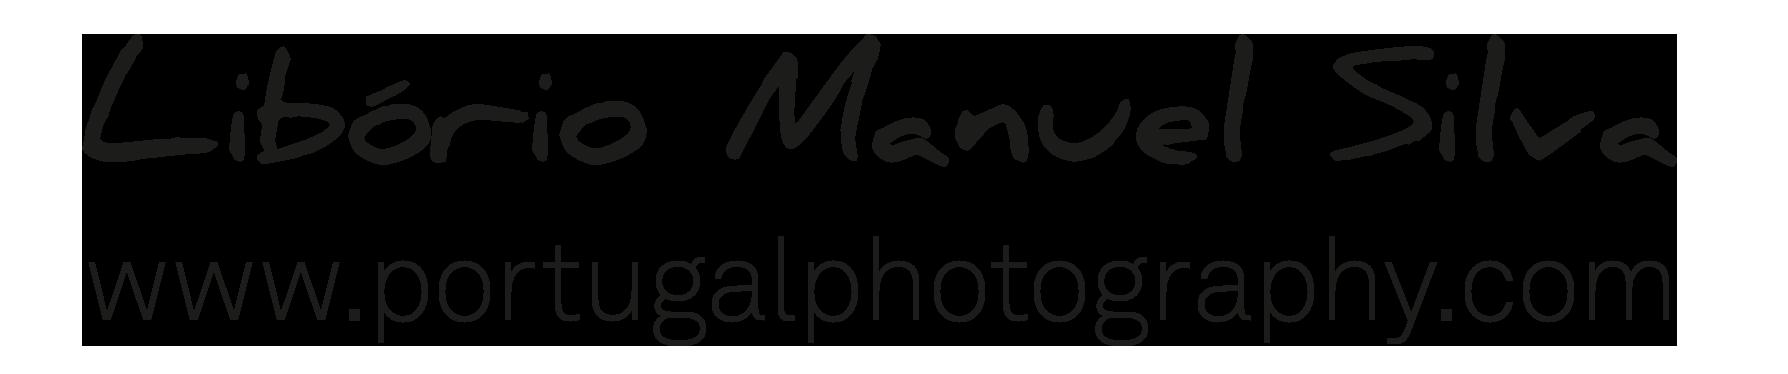 portugalphotography.com